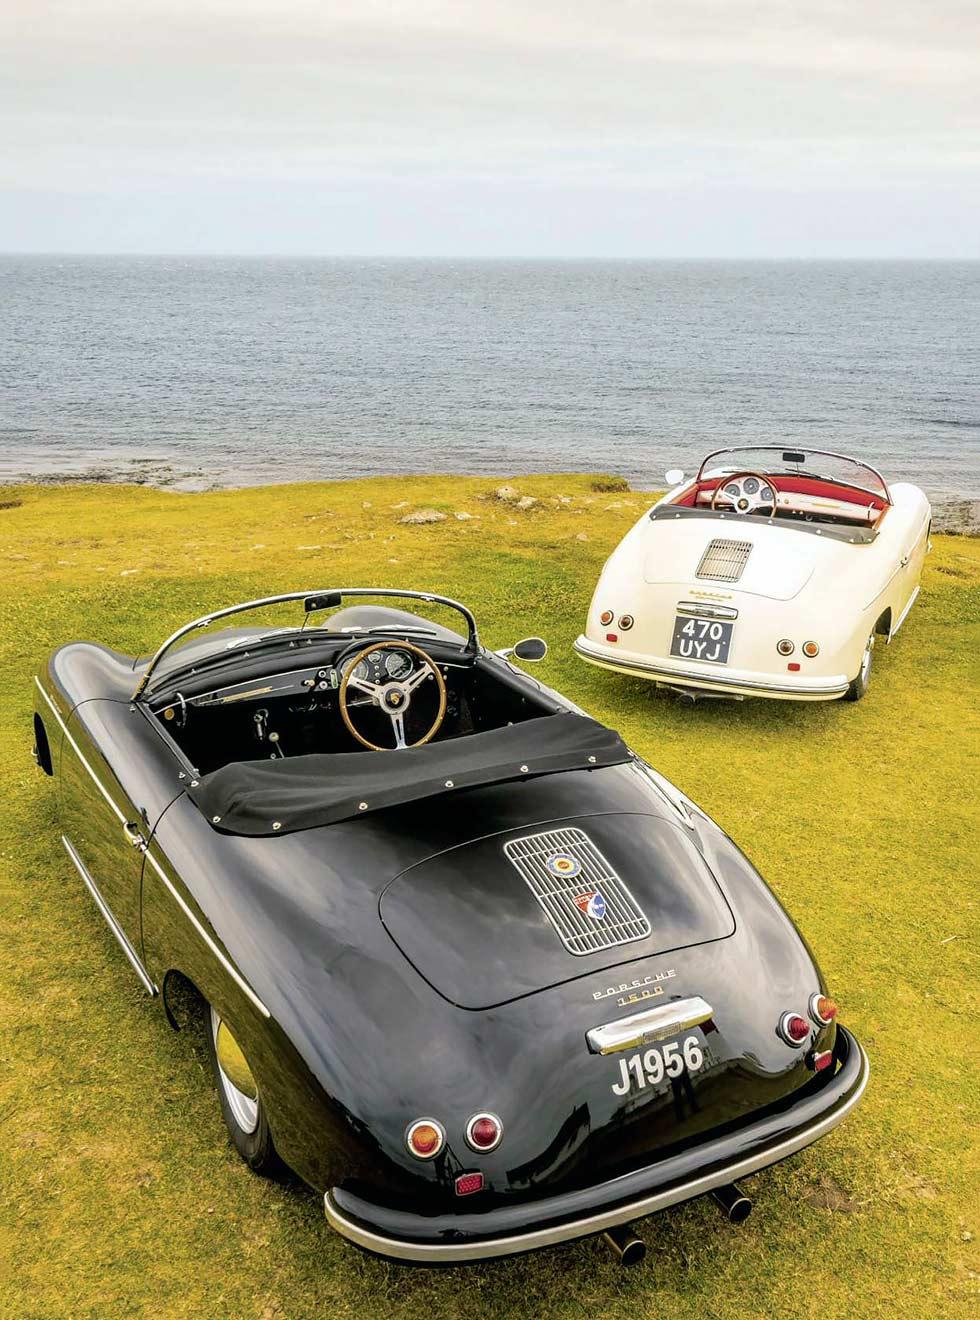 Porsche 356 1500 and 356 Carrera GT Speedster